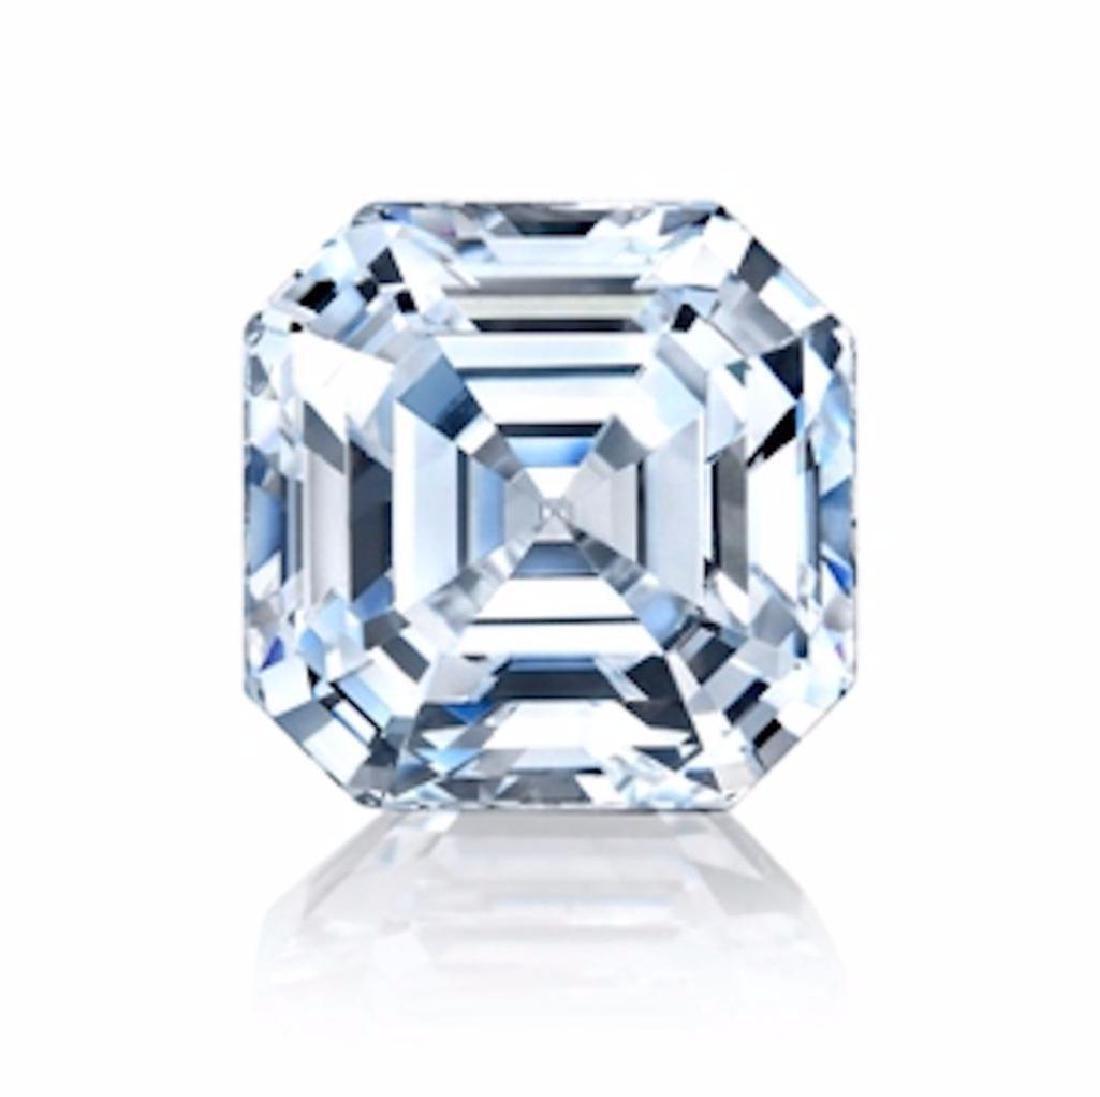 2.04cts Asscher Cut Bianco Diamond 6AAAAAA - Loose